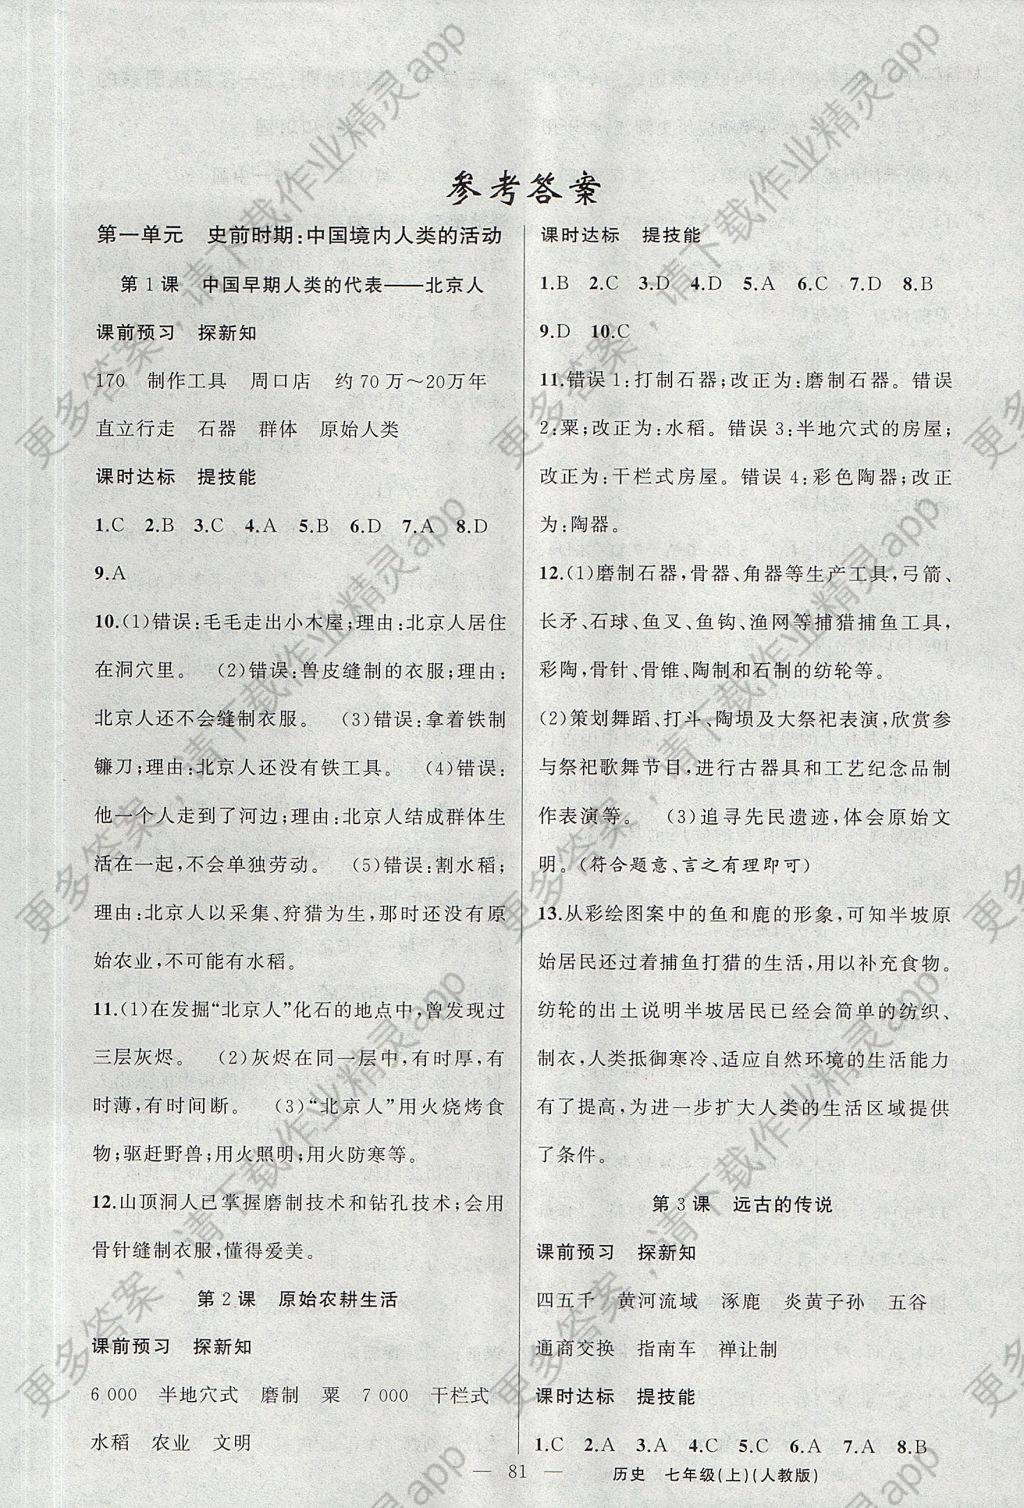 2017年黄冈金牌之路练闯考七年级历史上册人教版 参考答案